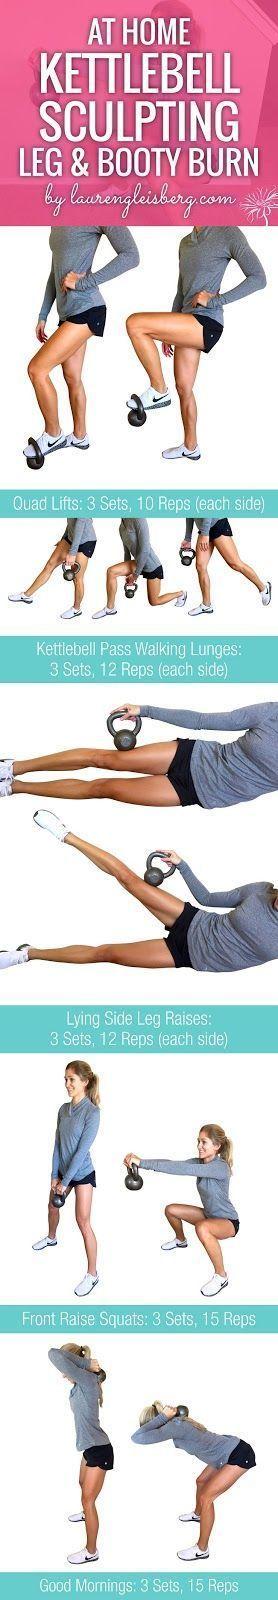 At-Home Kettlebell Leg Workout